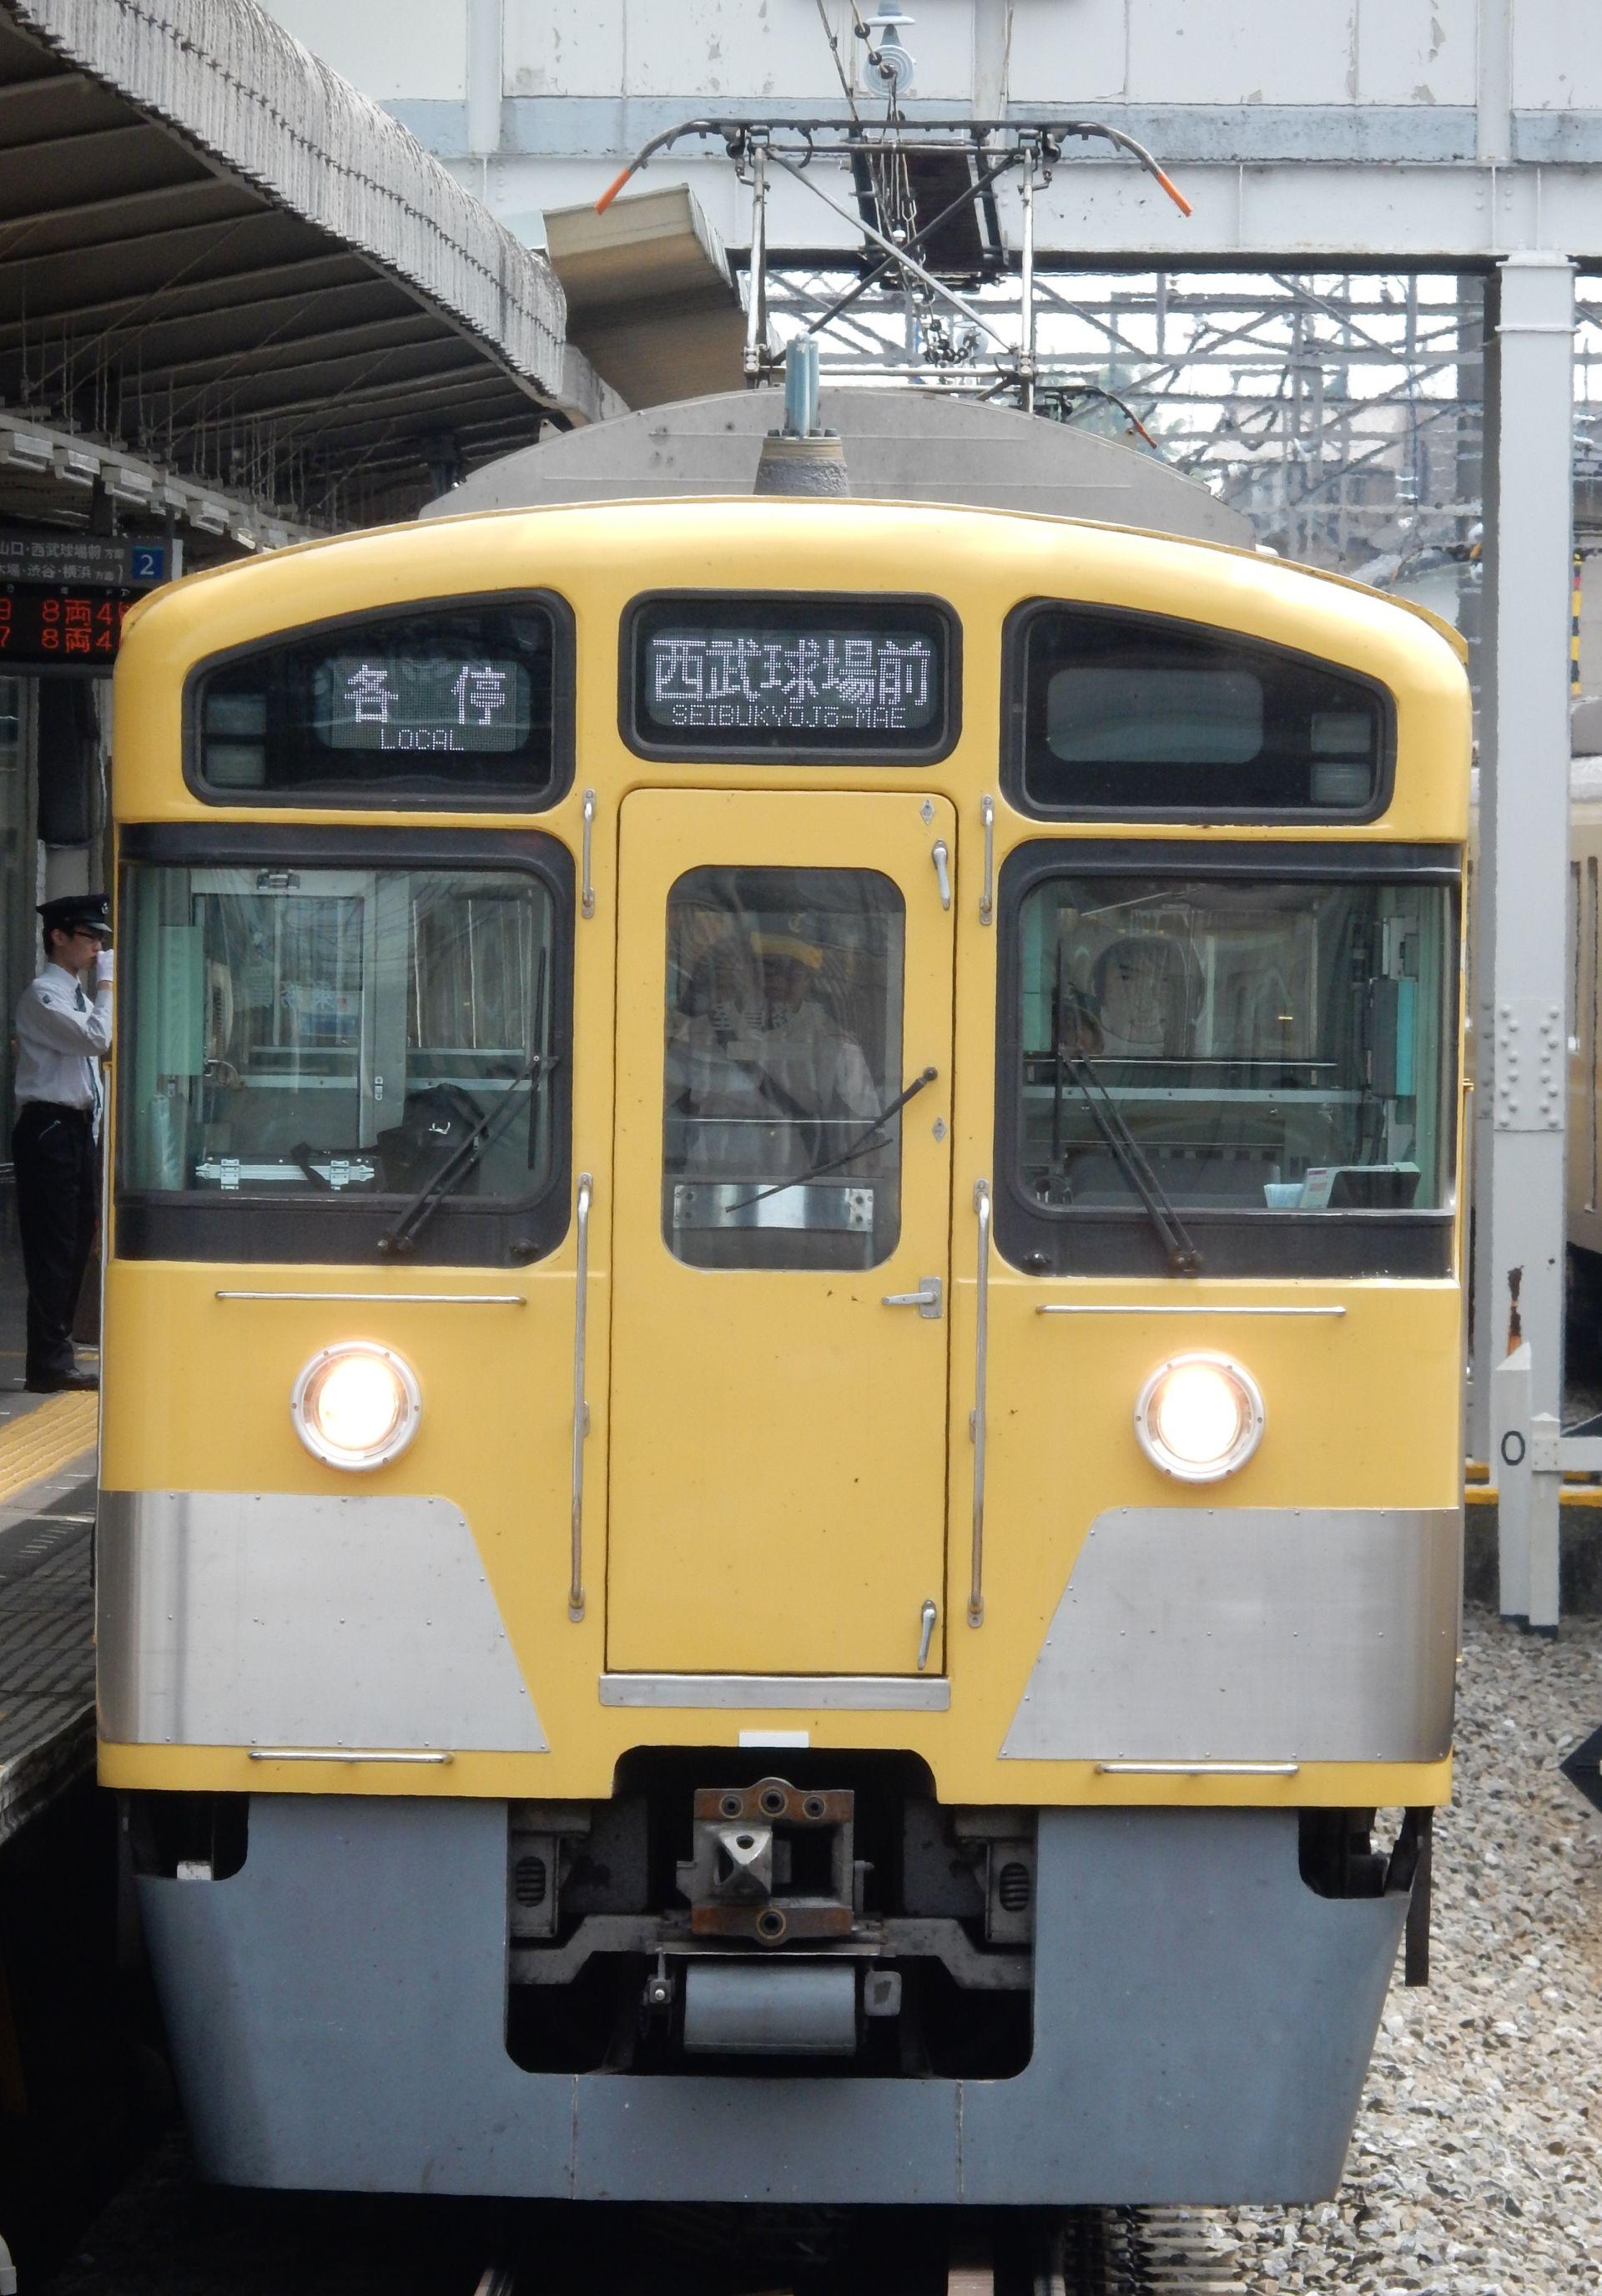 DSCN8070 - コピー